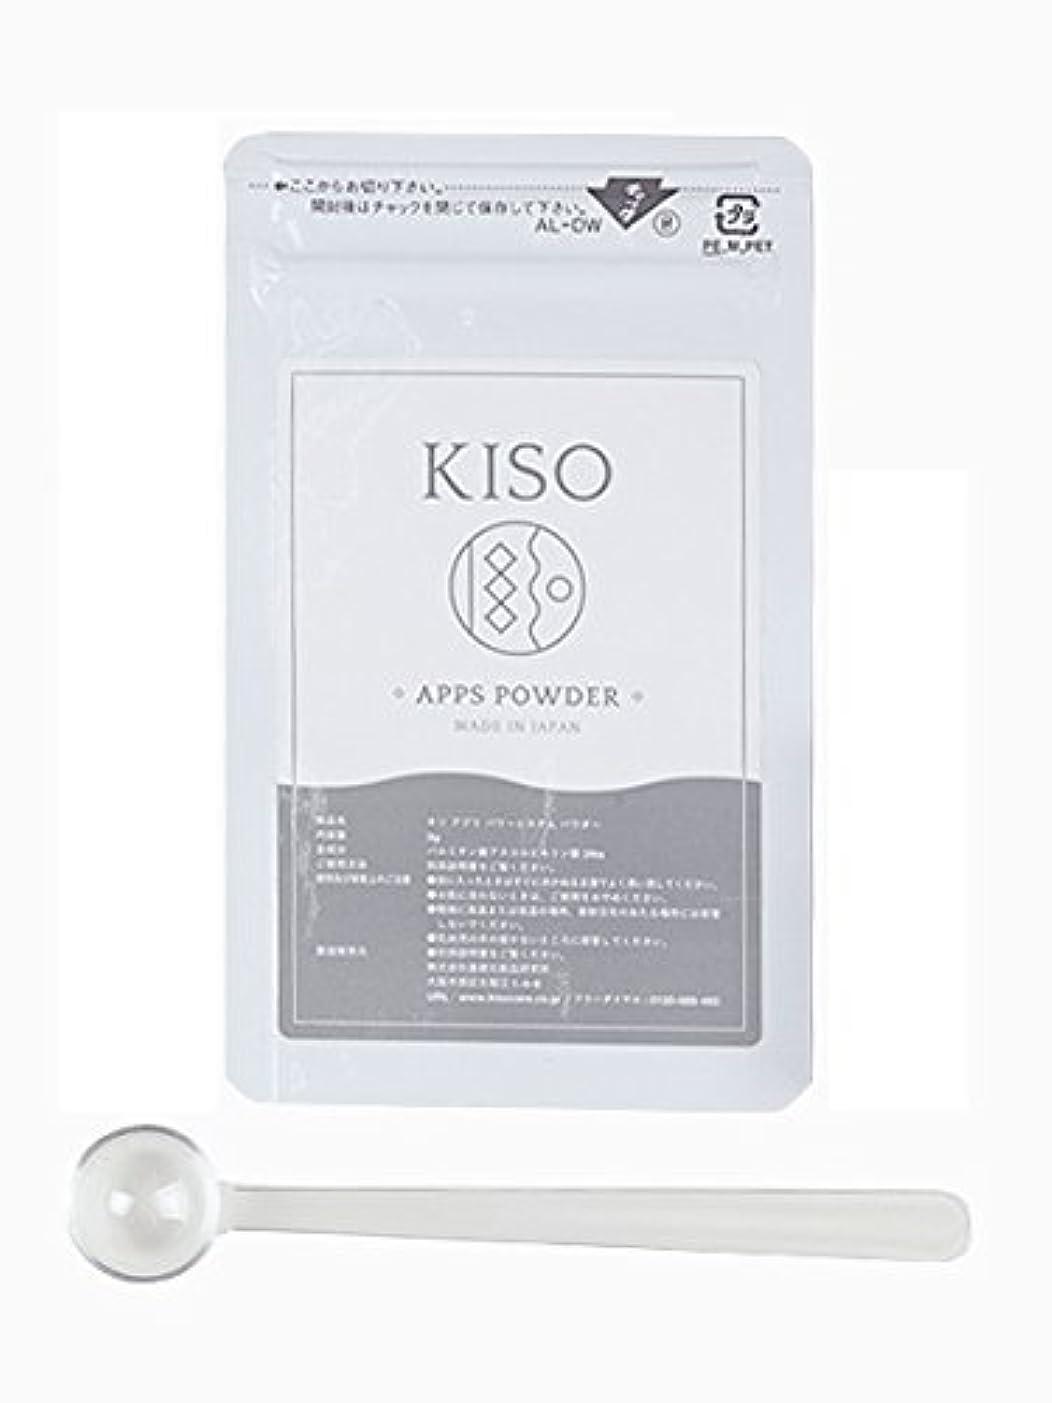 危険を冒します食事盆KISO 【APPS POWDER 3g】次世代型ビタミンC誘導体100%パウダー 「アプレシエ」1%化粧水なら300mL分/日本製